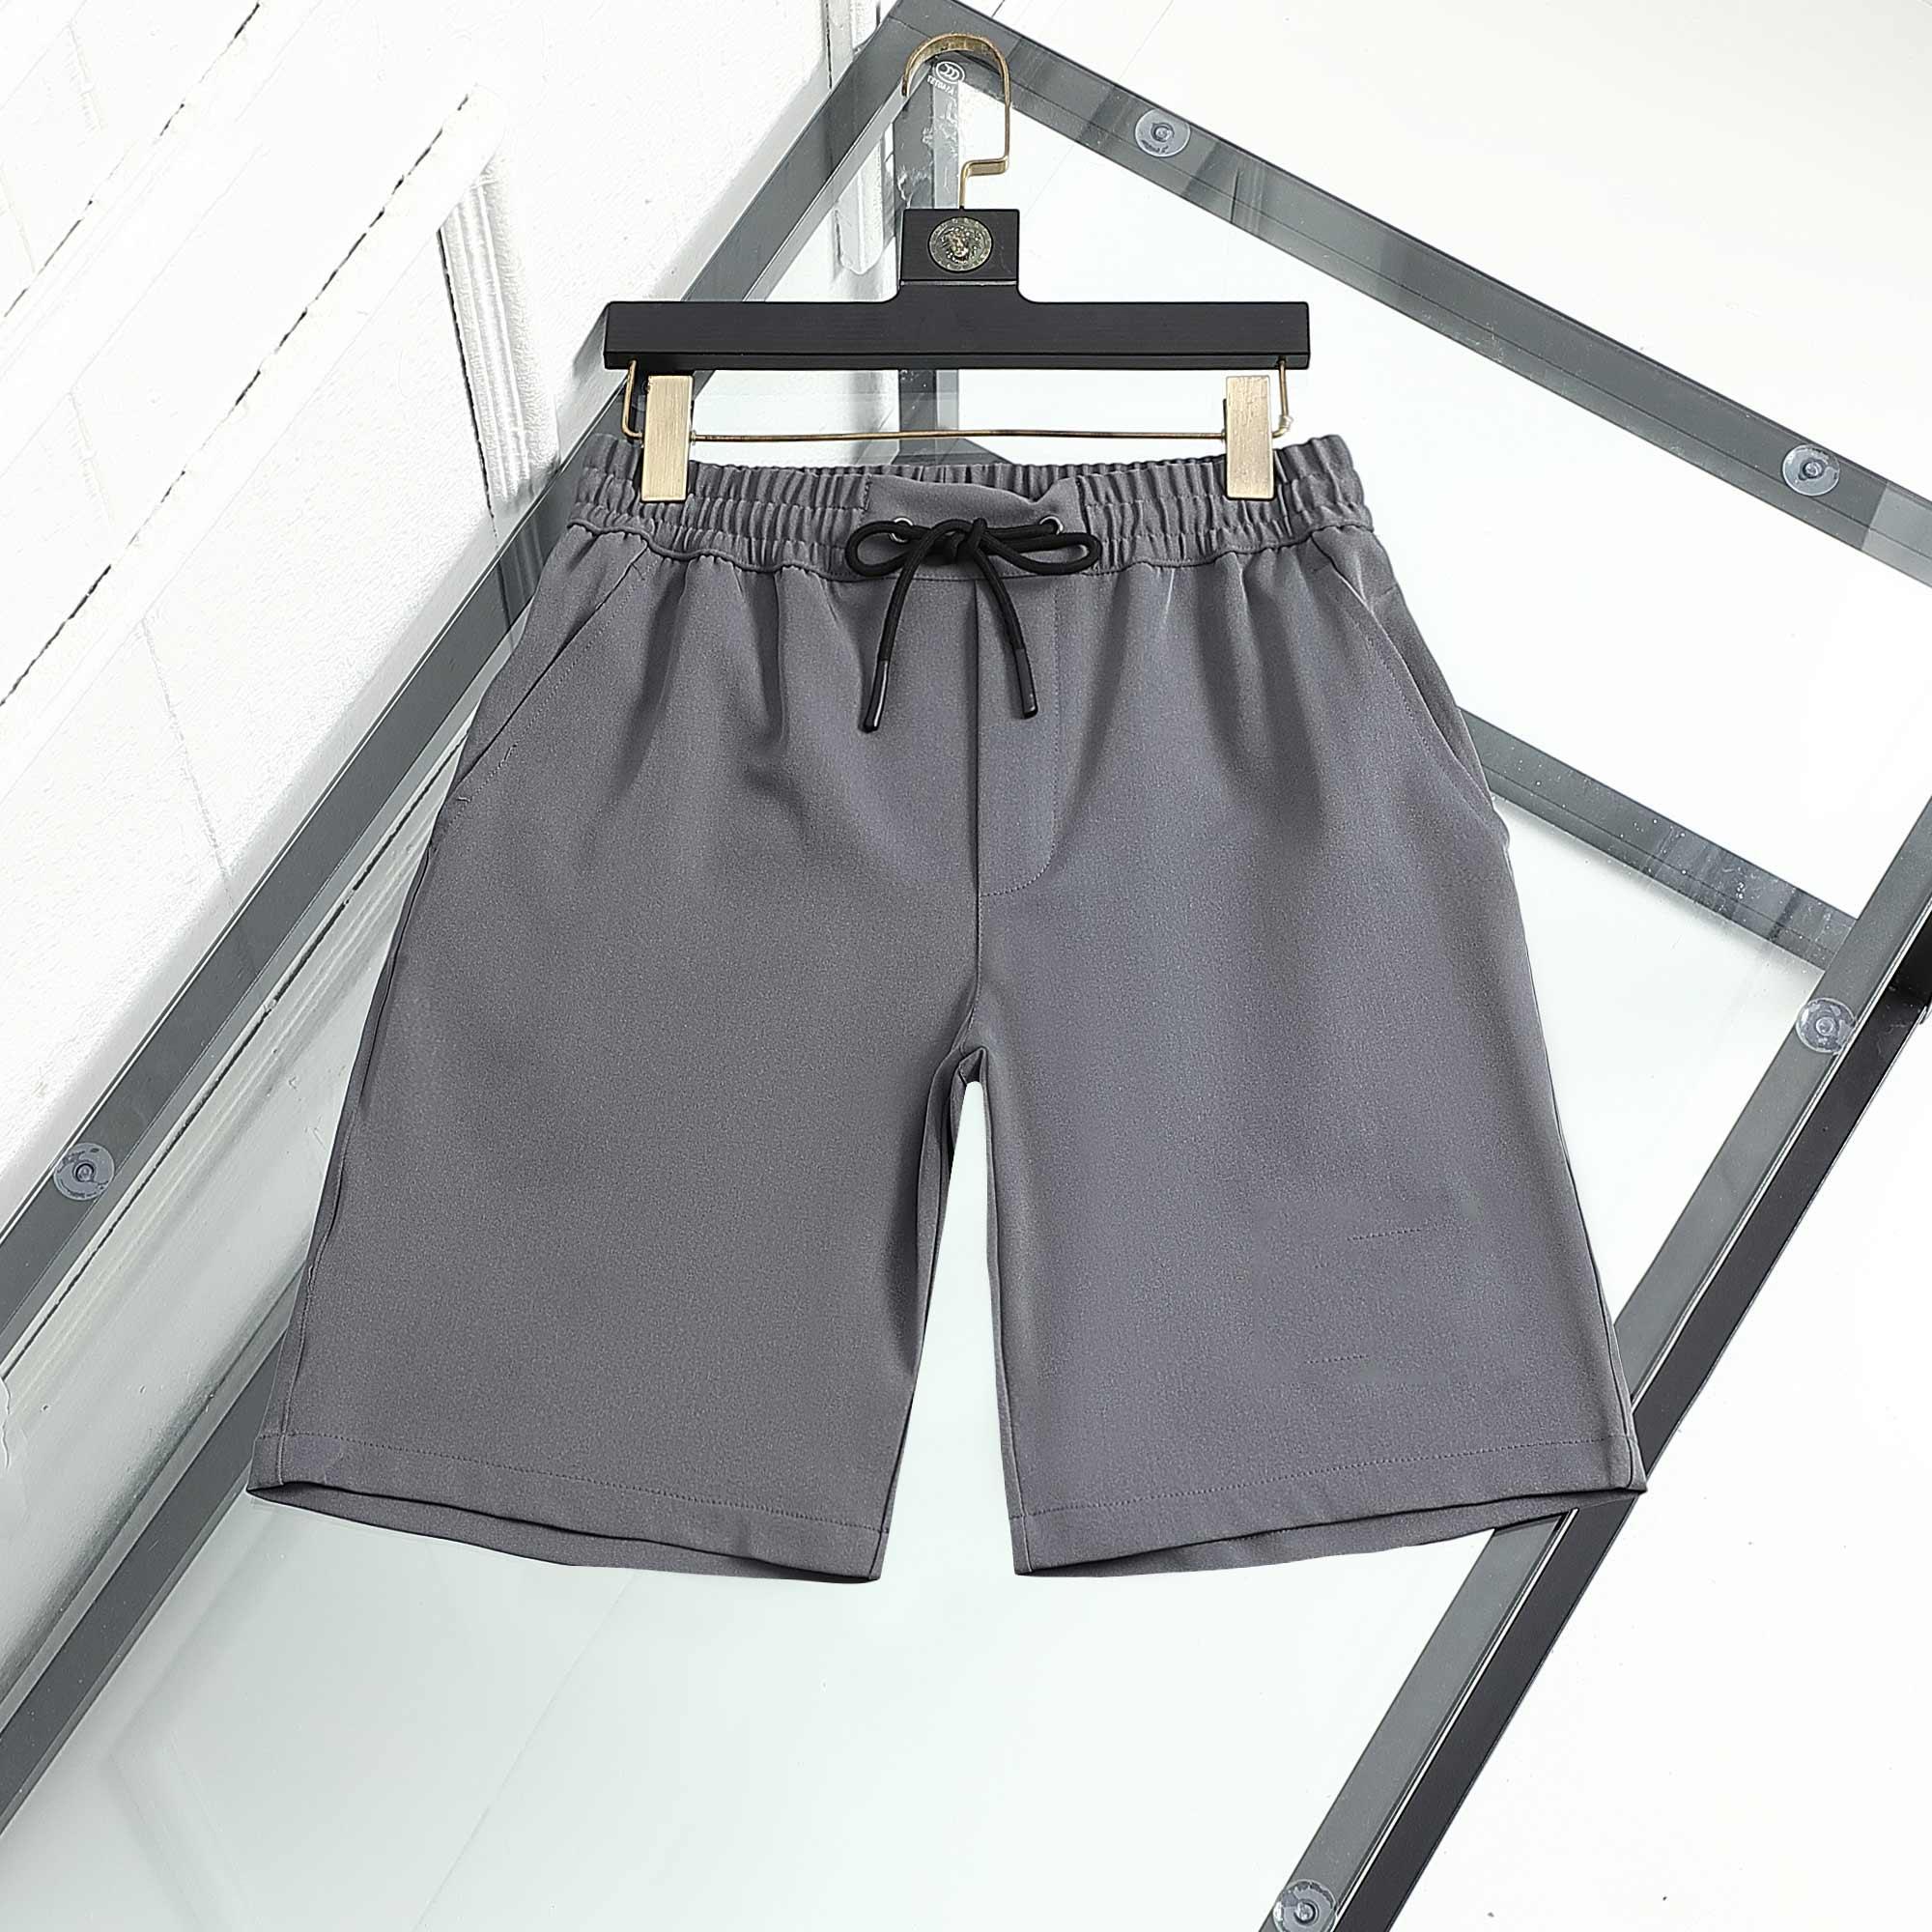 Mens Shorts Luxo Designer Esporte Summer Curto Moda Marca Tendência Pura Algodão Respirável Roupas Curtas Lapela No01